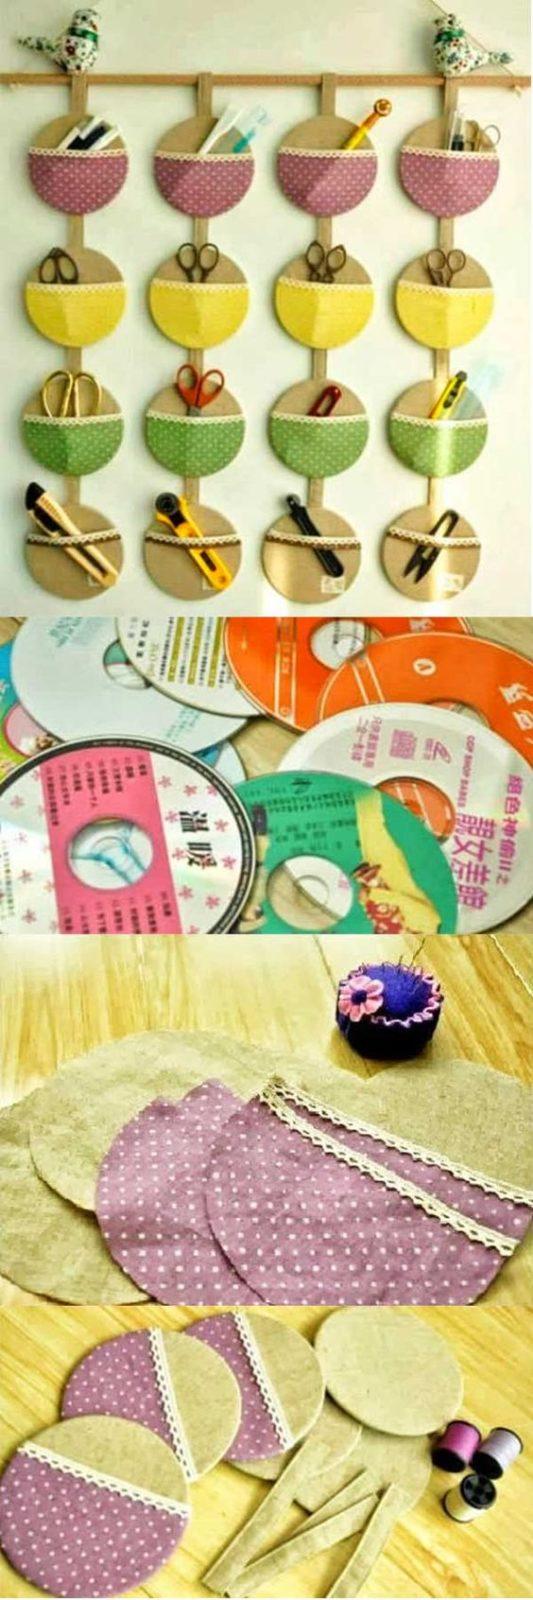 Самоделки своими руками: круглые кармашки